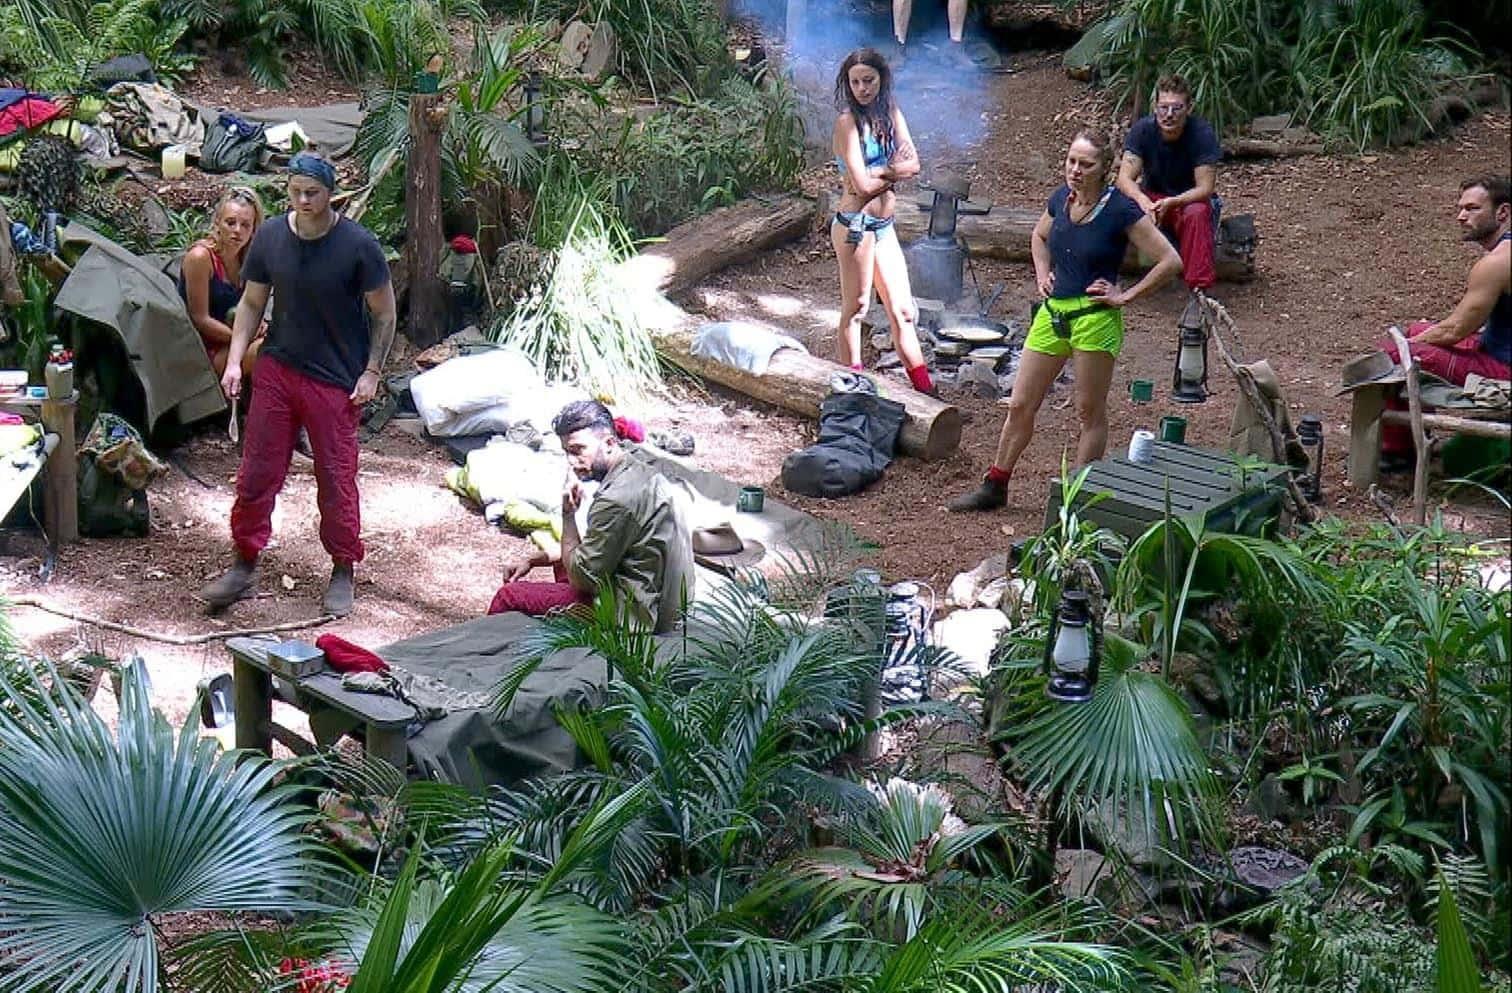 """<p>Der Dschungelalltag nimmt seinen Lauf und plötzlich entdeckt Evelyn eine Schlange im Camp: """"Hier ist eine Schlange.""""</p> Foto: TV Now"""